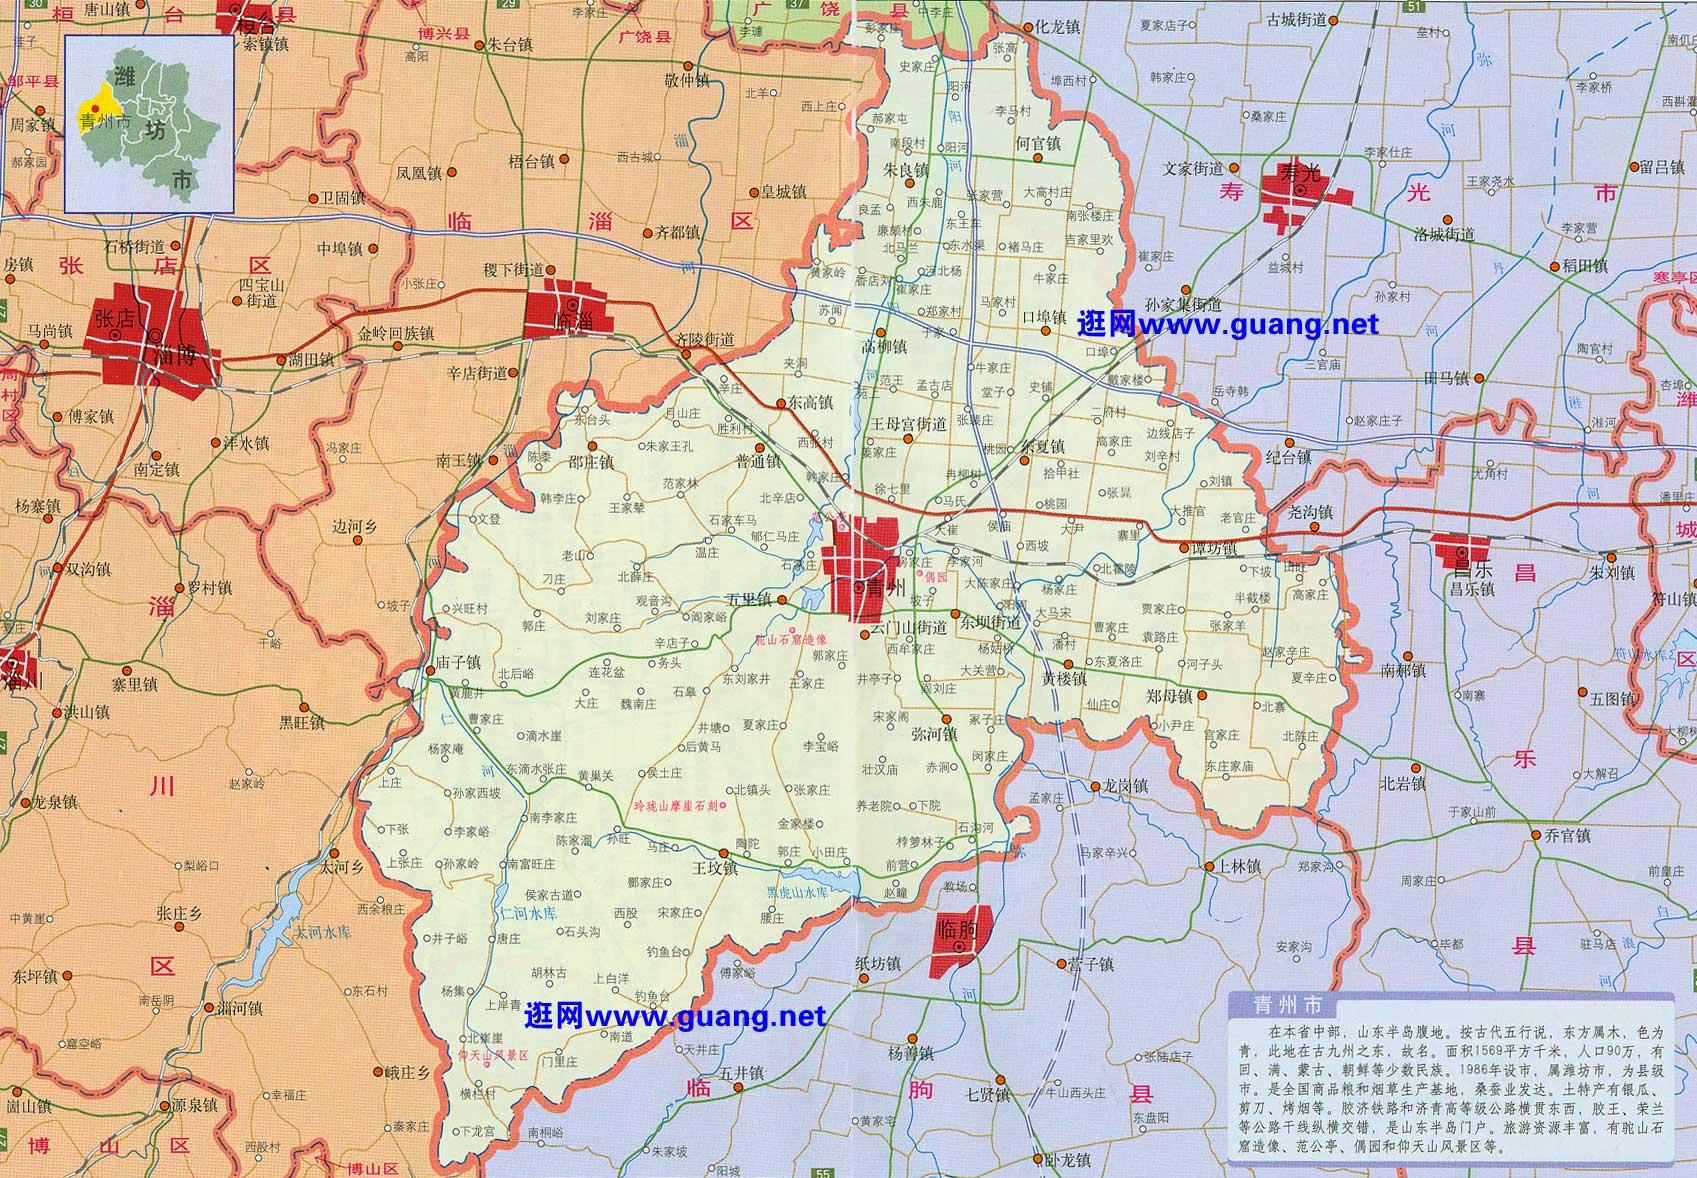 青州市地图全貌_青州乡镇地图